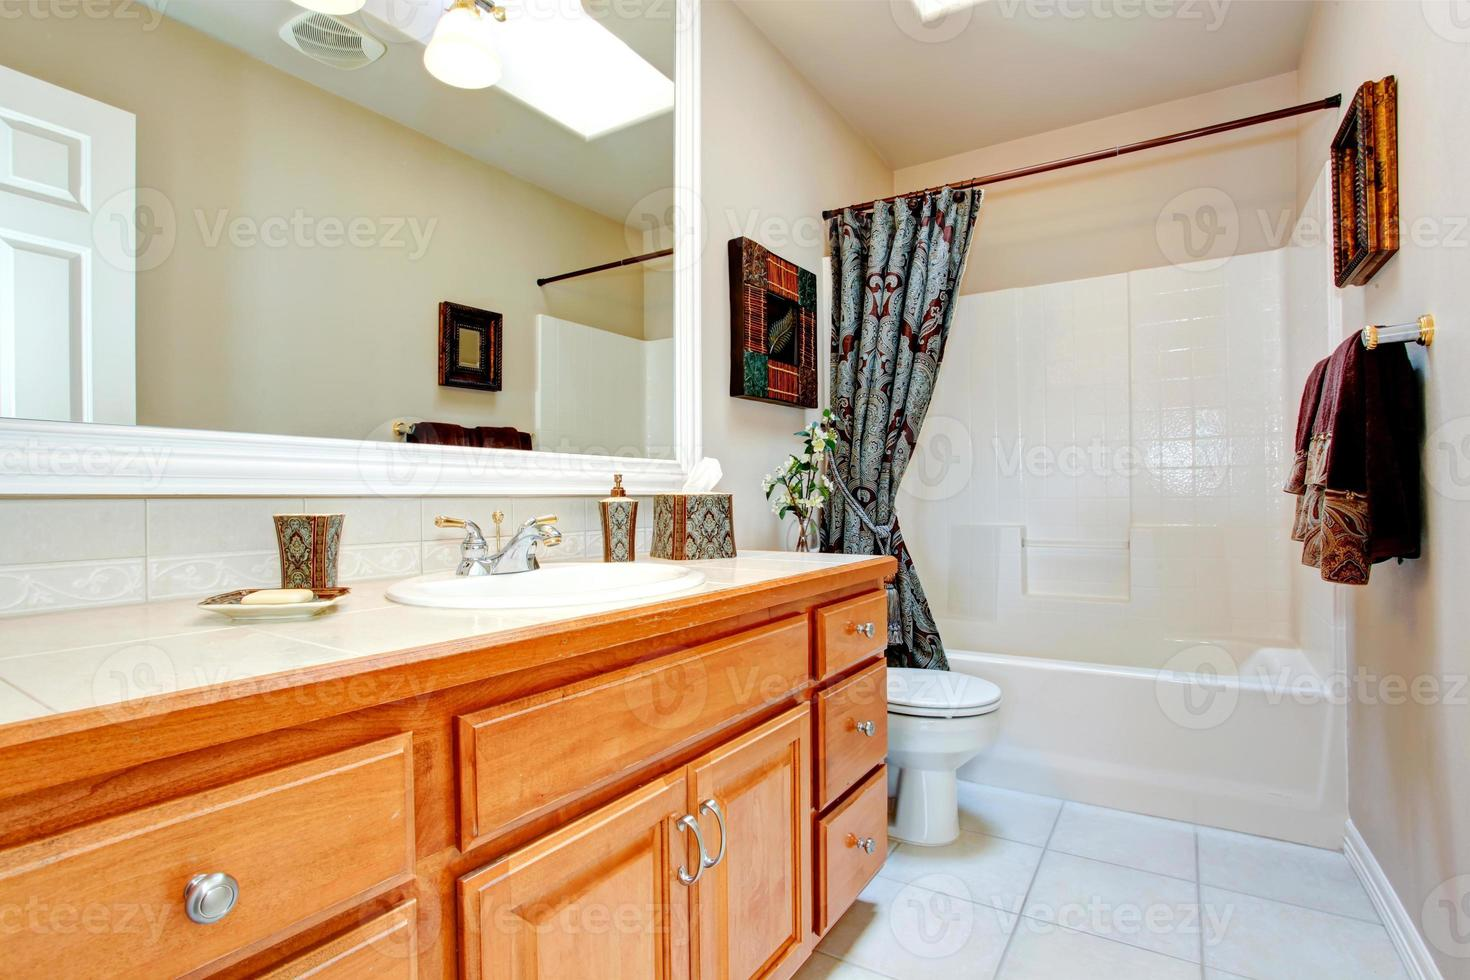 interior do banheiro na nova casa americana foto